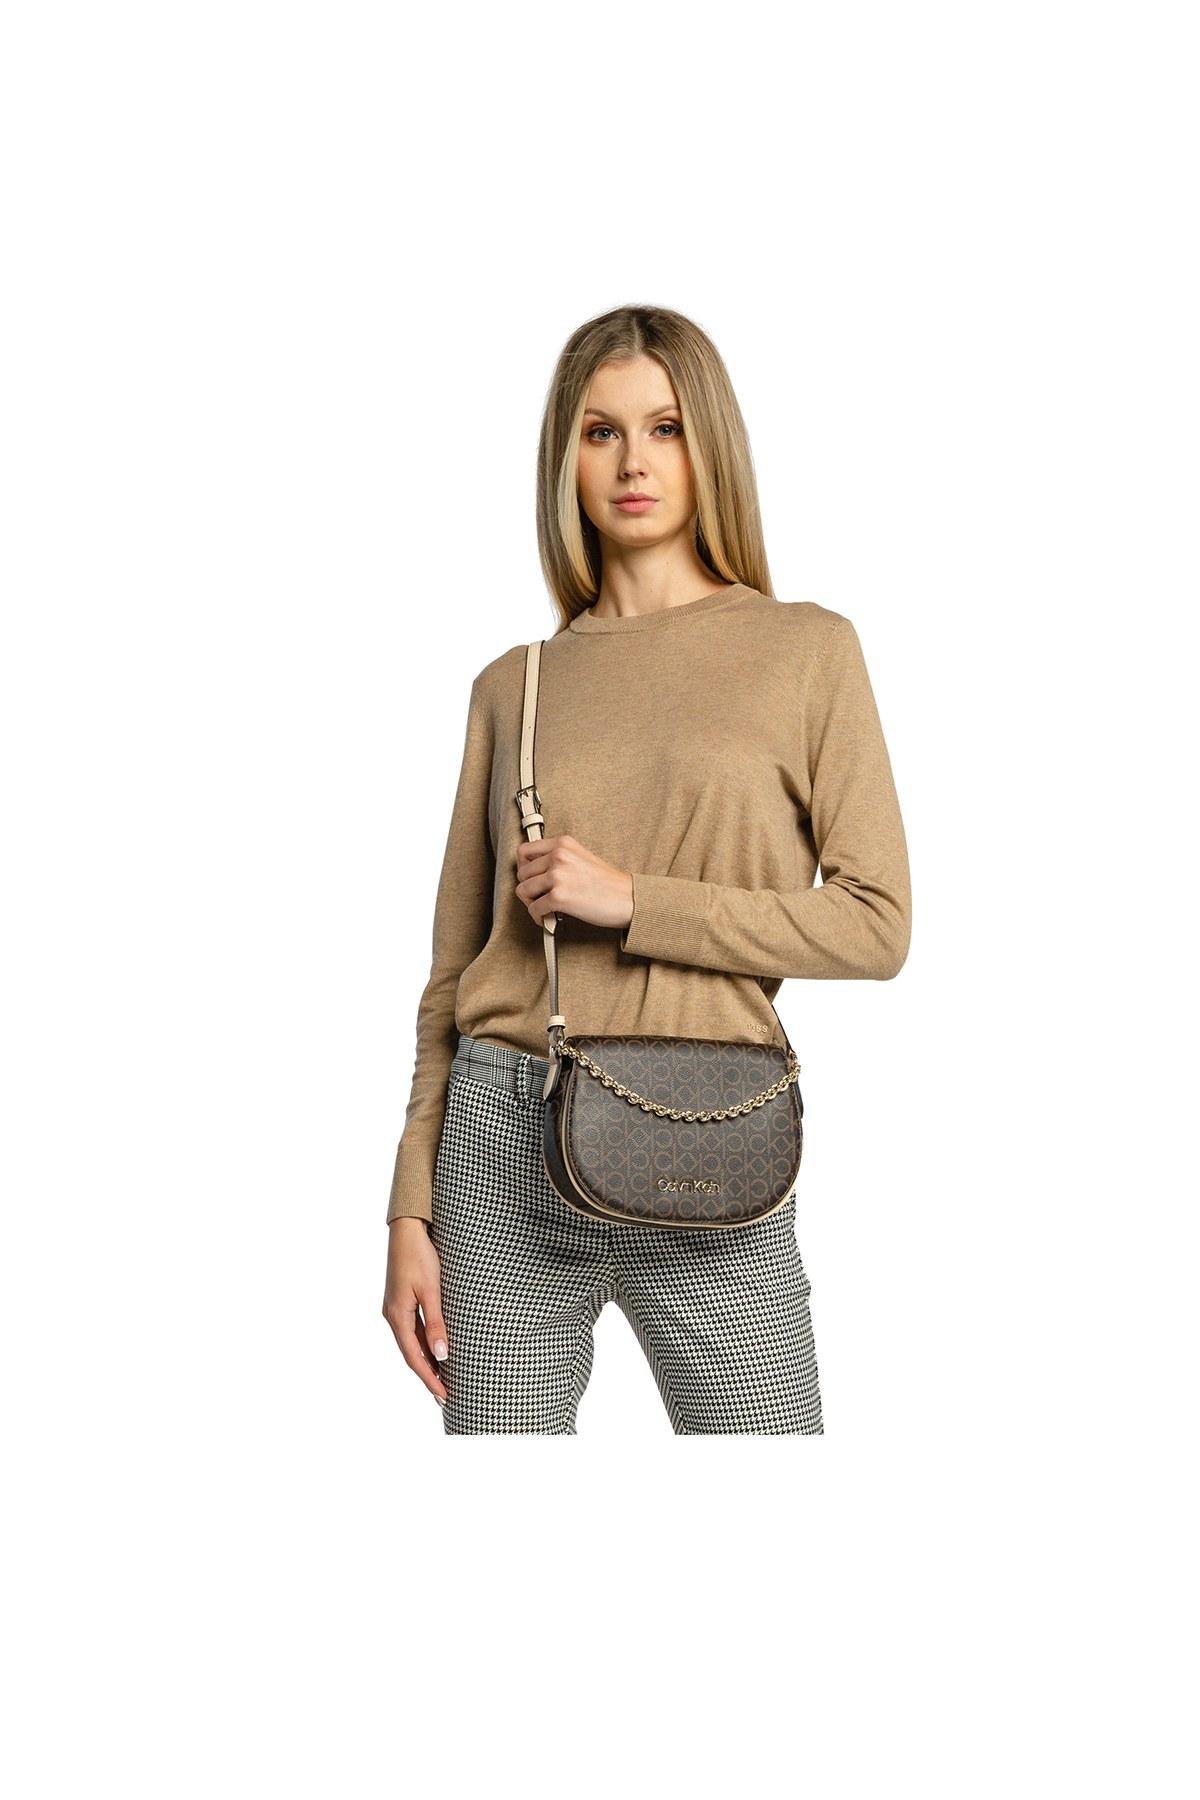 Calvin Klein Logo Baskılı Ayarlanabilir Askılı Kadın Çanta K60K607133 0HJ KAHVE